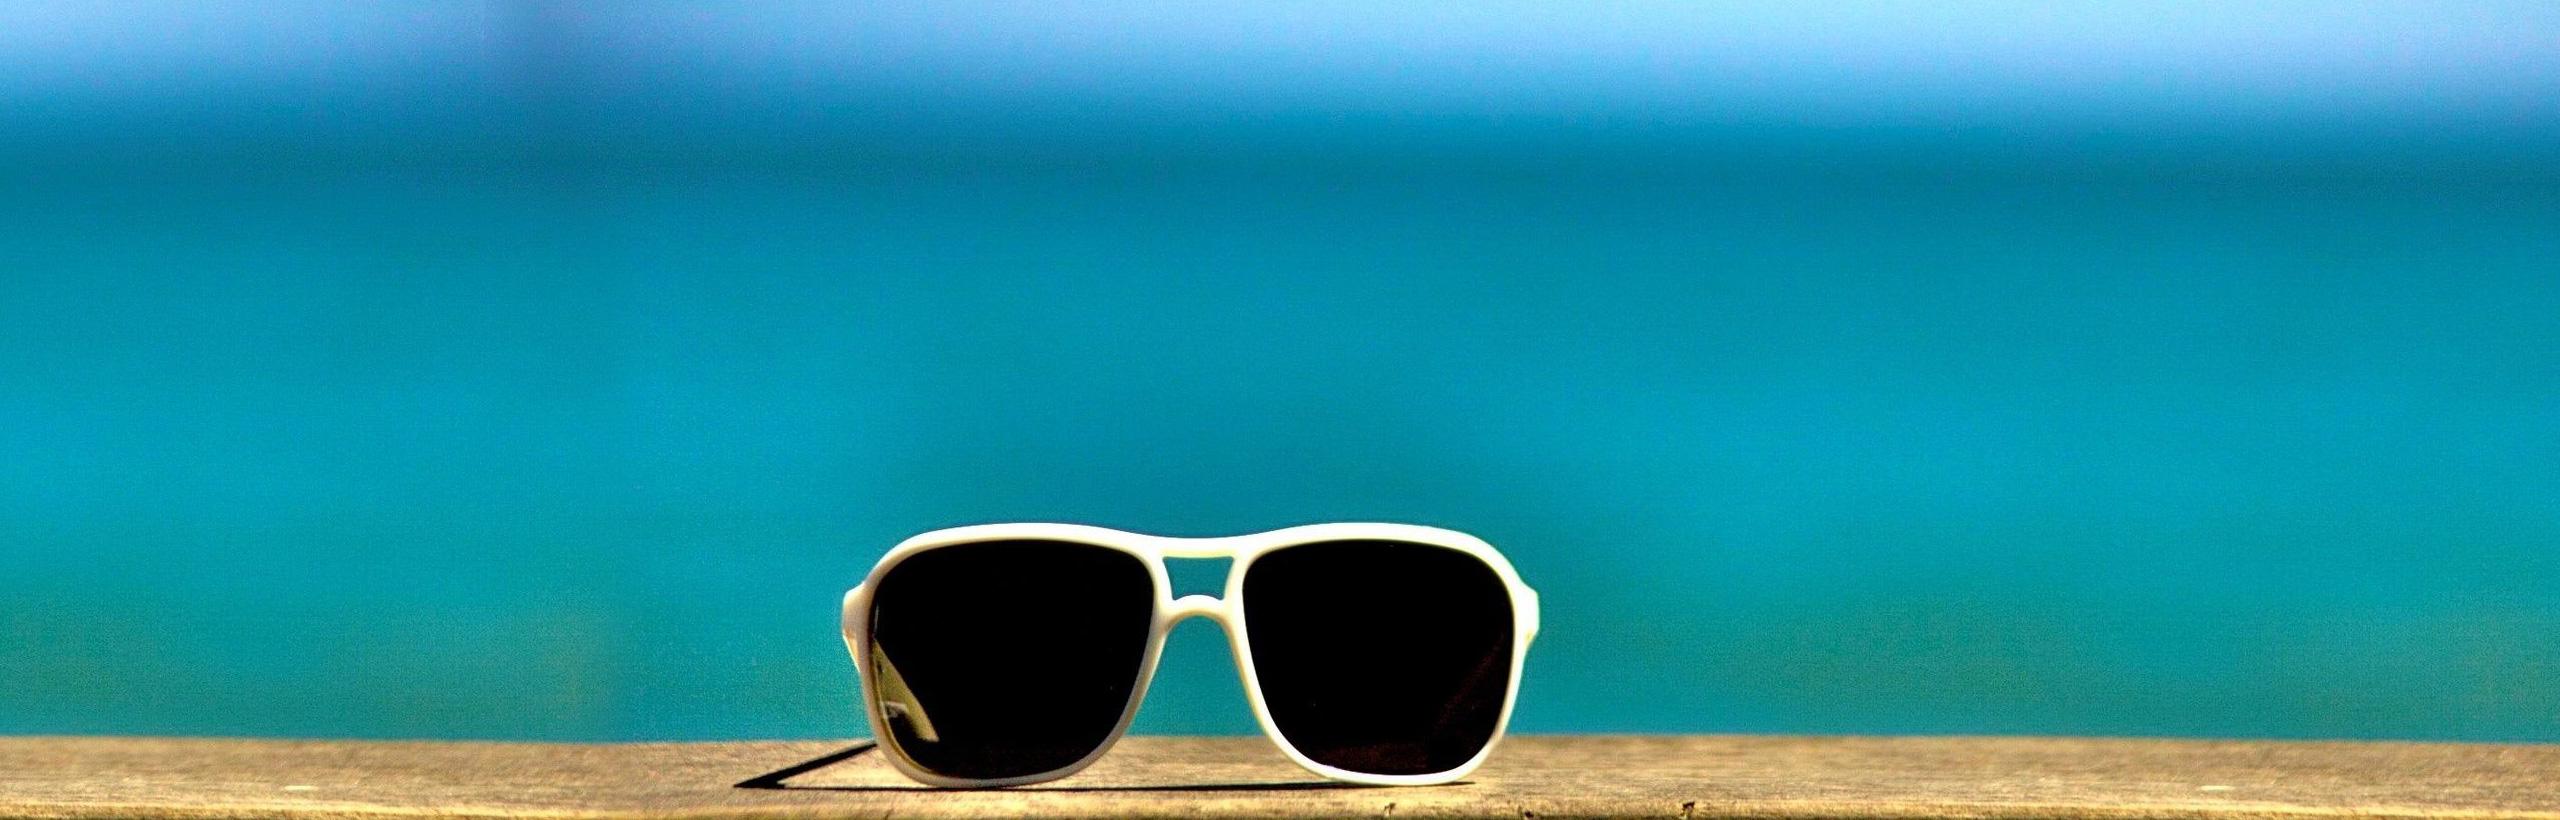 occhiali-da-sole